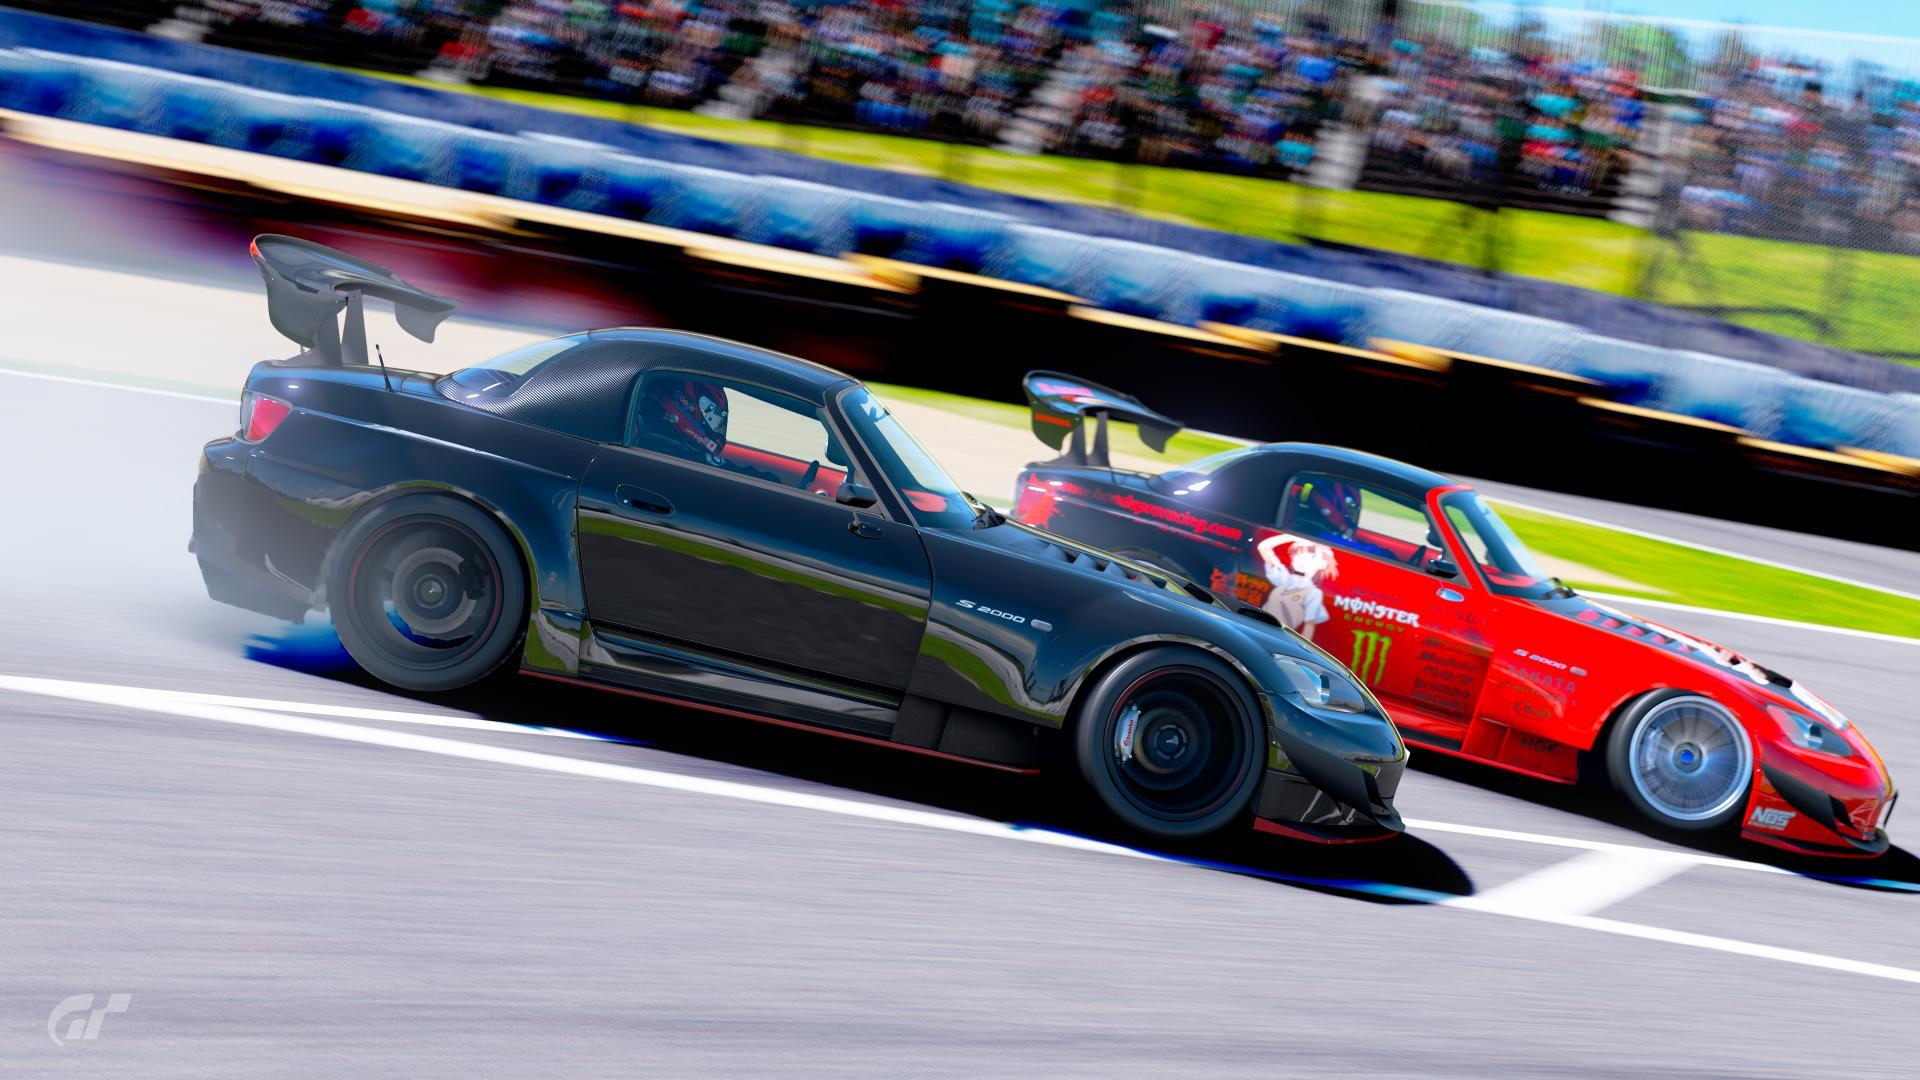 Gd1 7a さんによる追走ドリフト レースフォト コミュニティ グランツーリスモsport